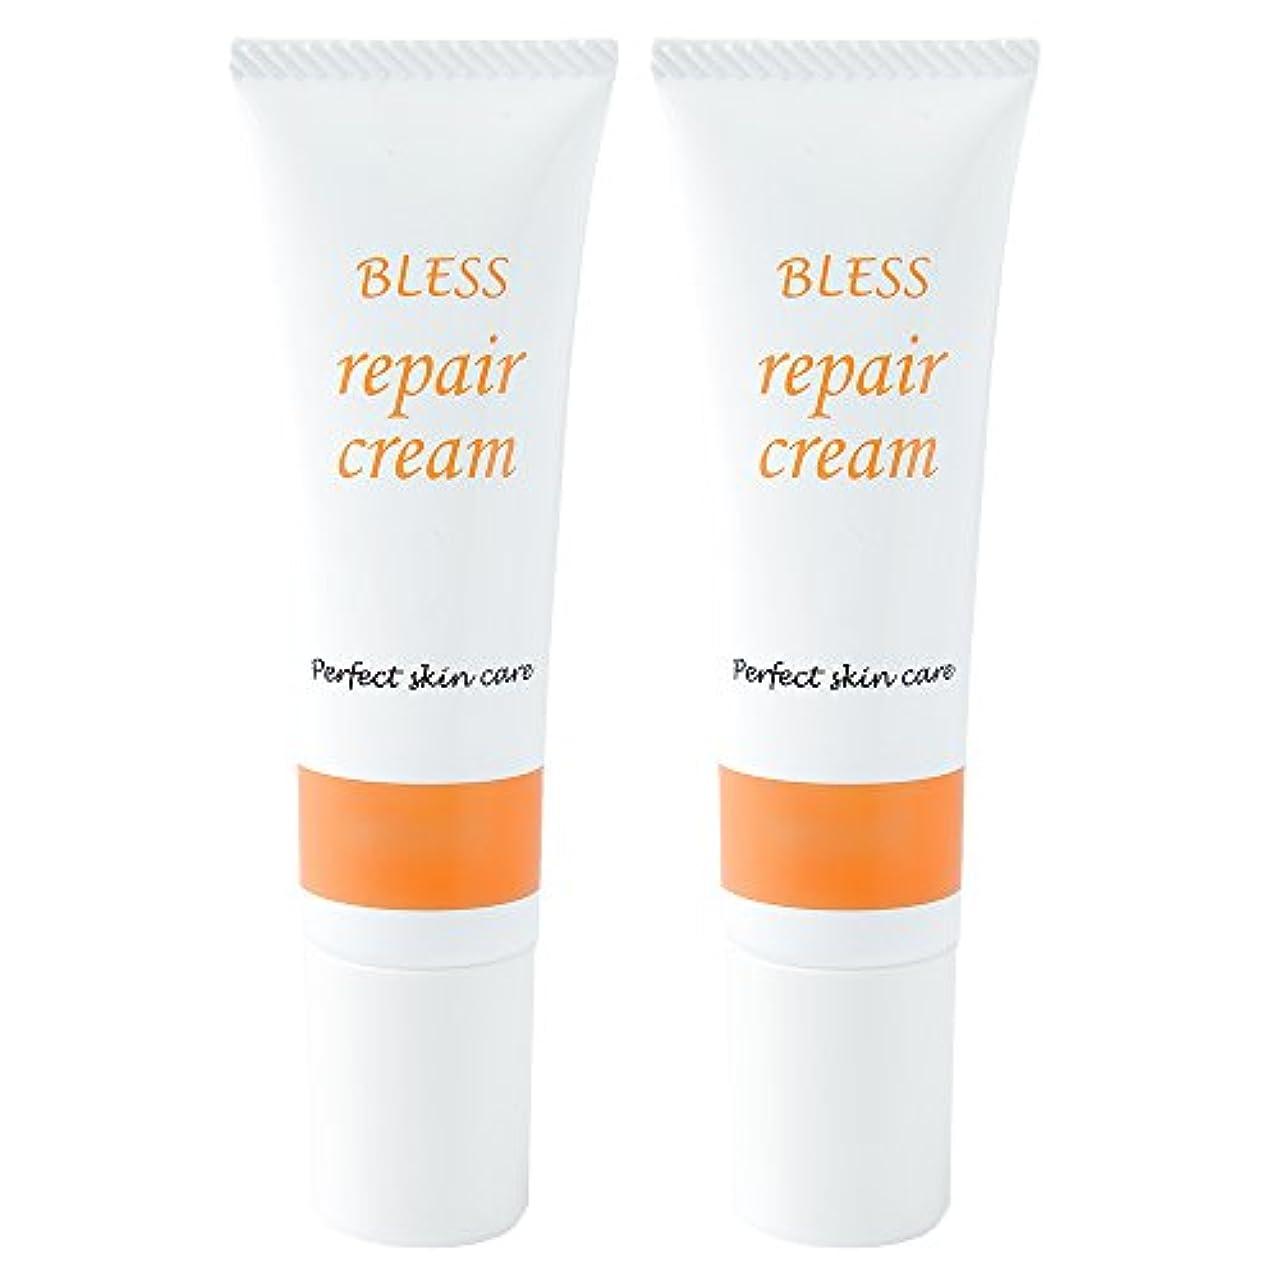 本物騒々しいゲート【BLESS】 しわ 対策用 エイジング リペアクリーム 30g 2本 セット 無添加 抗シワ評価試験済み製品 日本製 美容液